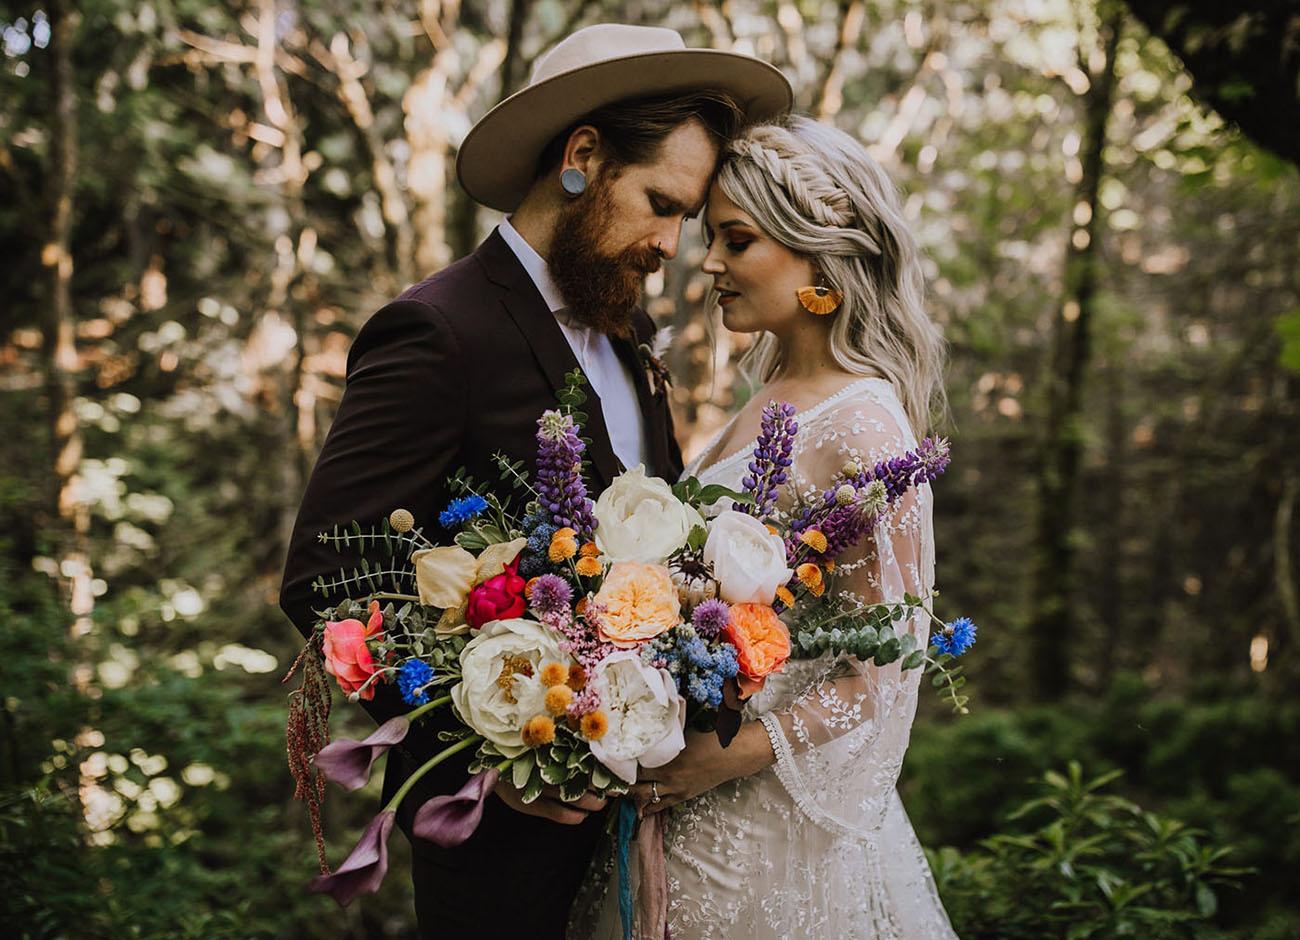 Bruidspaar met boeket in hun handen